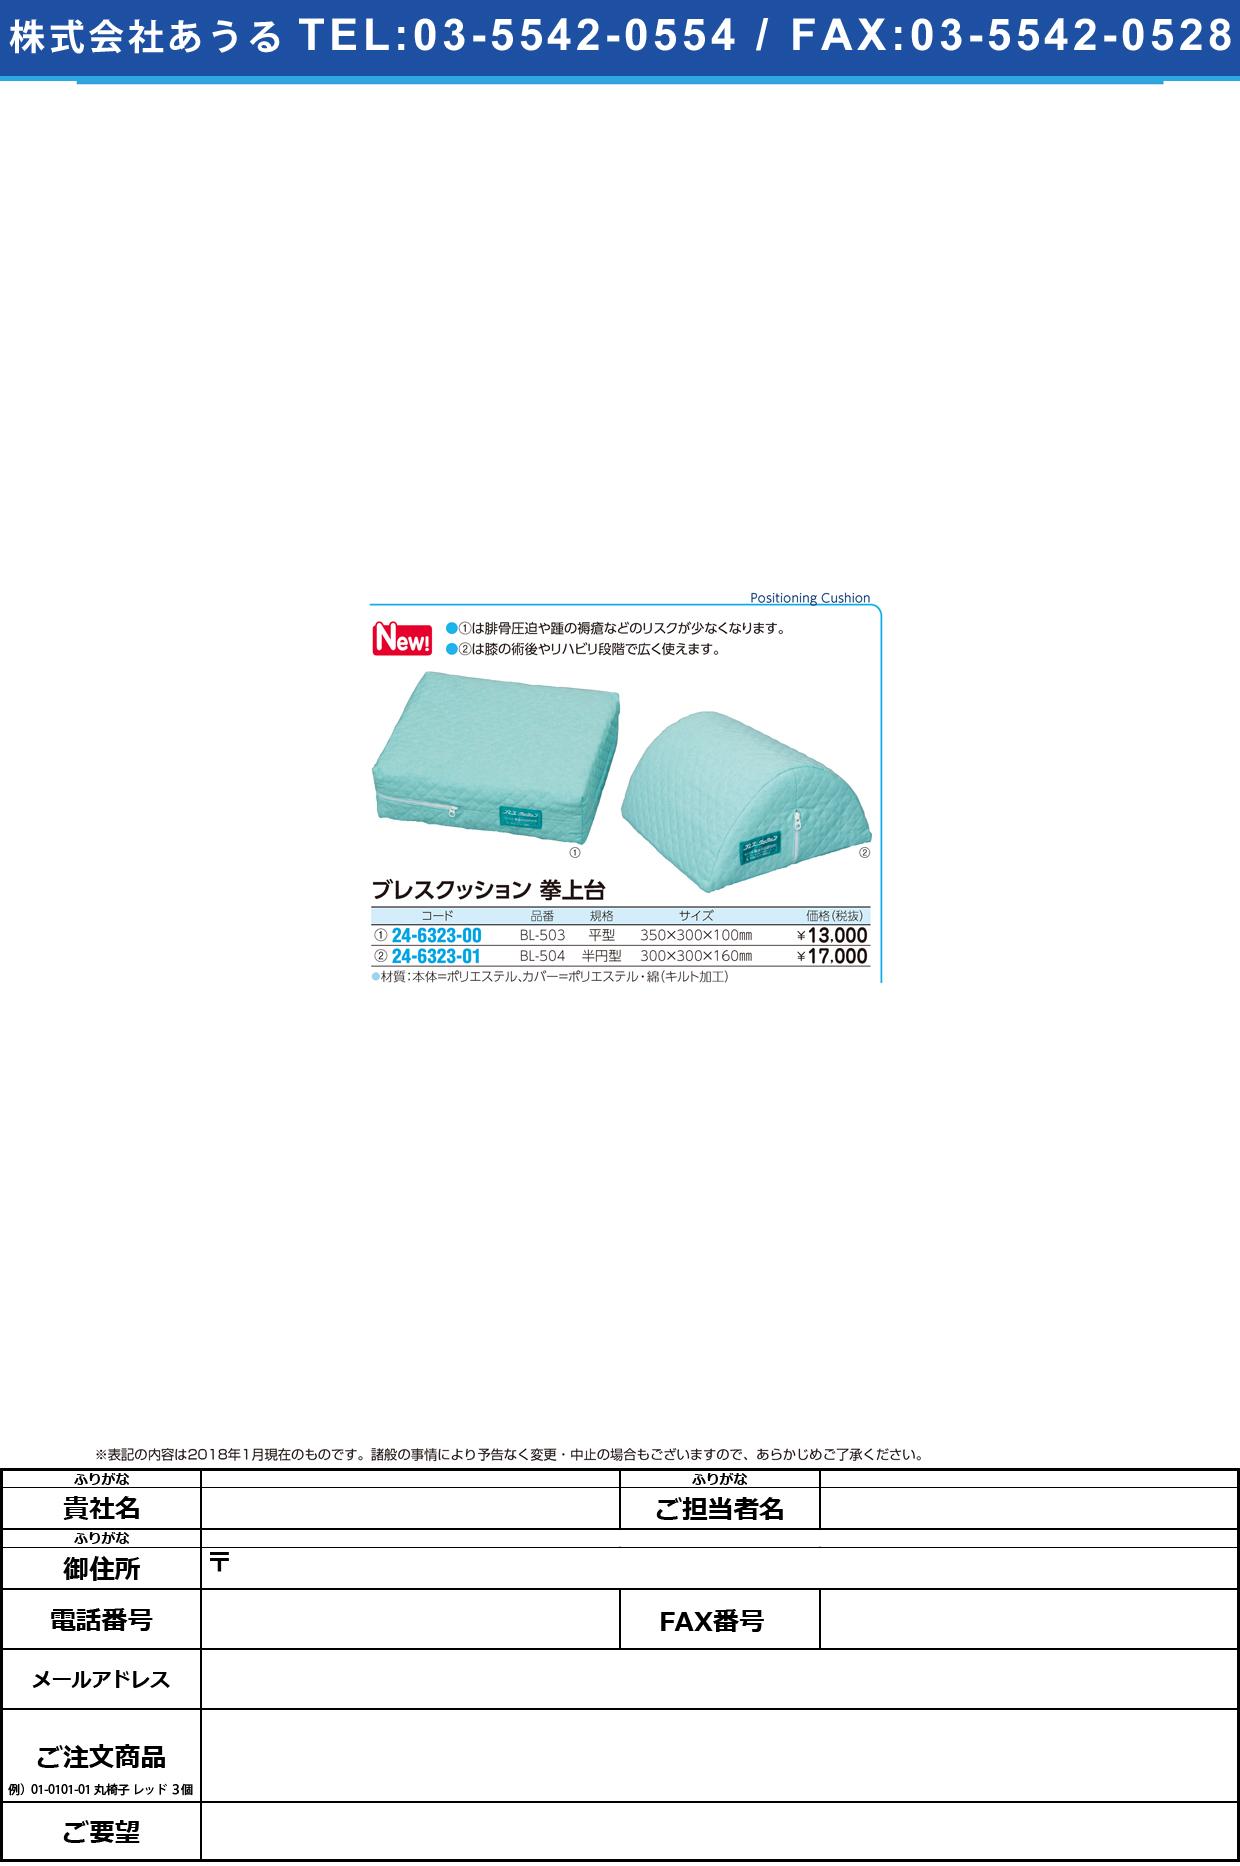 (24-6323-01)ブレスクッション挙上台(半円型) BL-504 ブレスクッションキョジョウダイ【1個単位】【2018年カタログ商品】